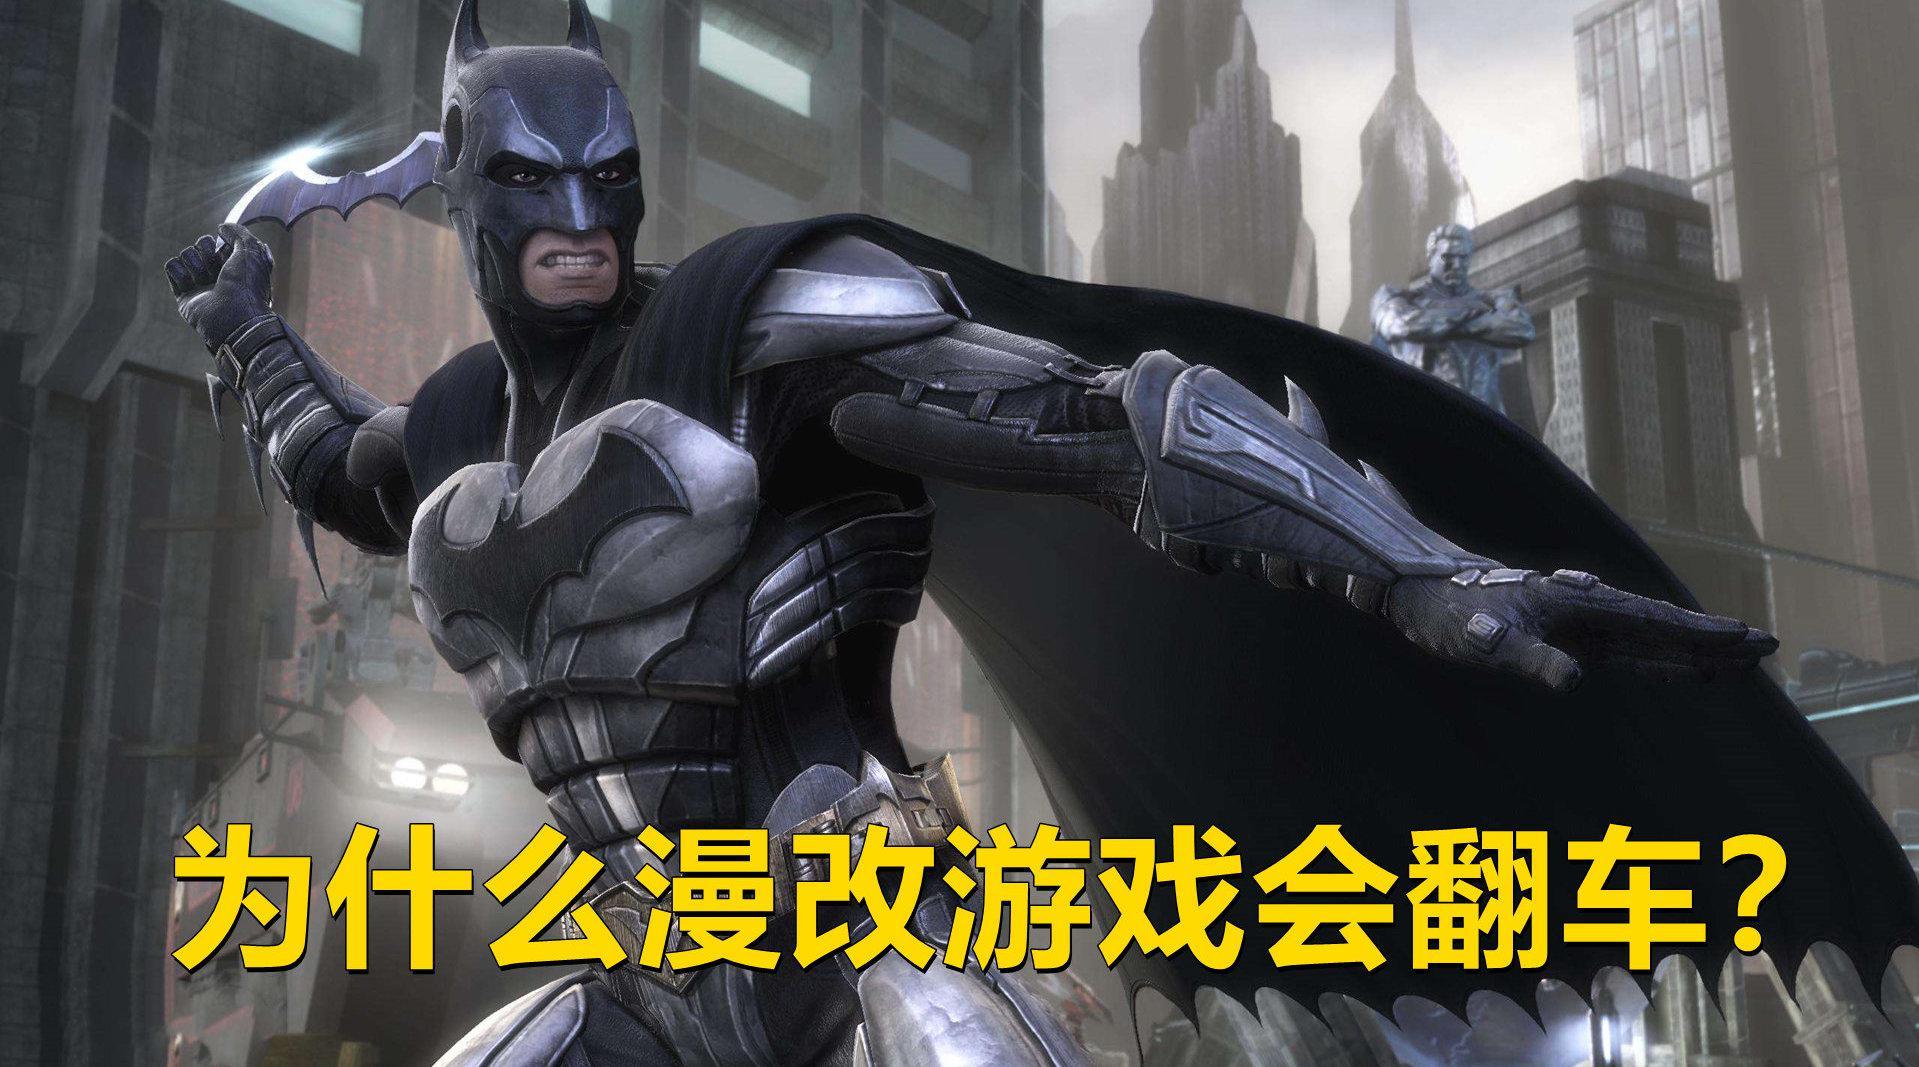 蝙蝠侠、复仇者联盟、使命召唤、漫威、漫改游戏